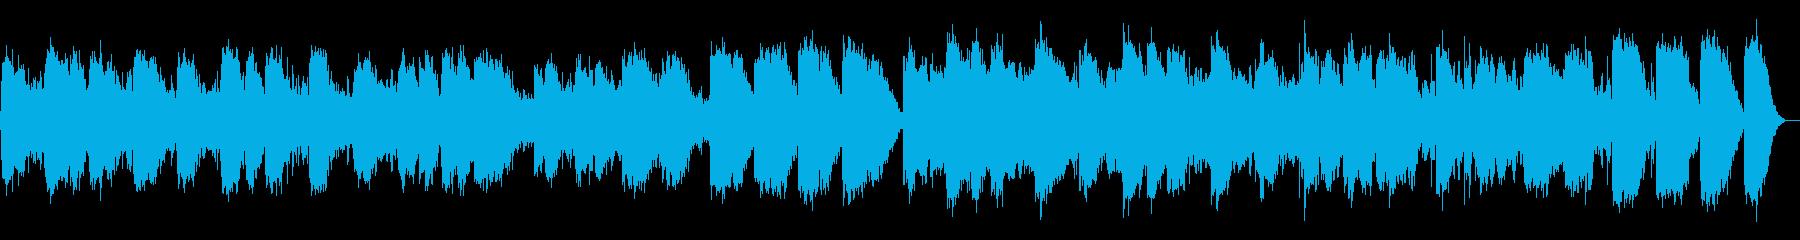 寝落ちしそうなリラックス音の再生済みの波形